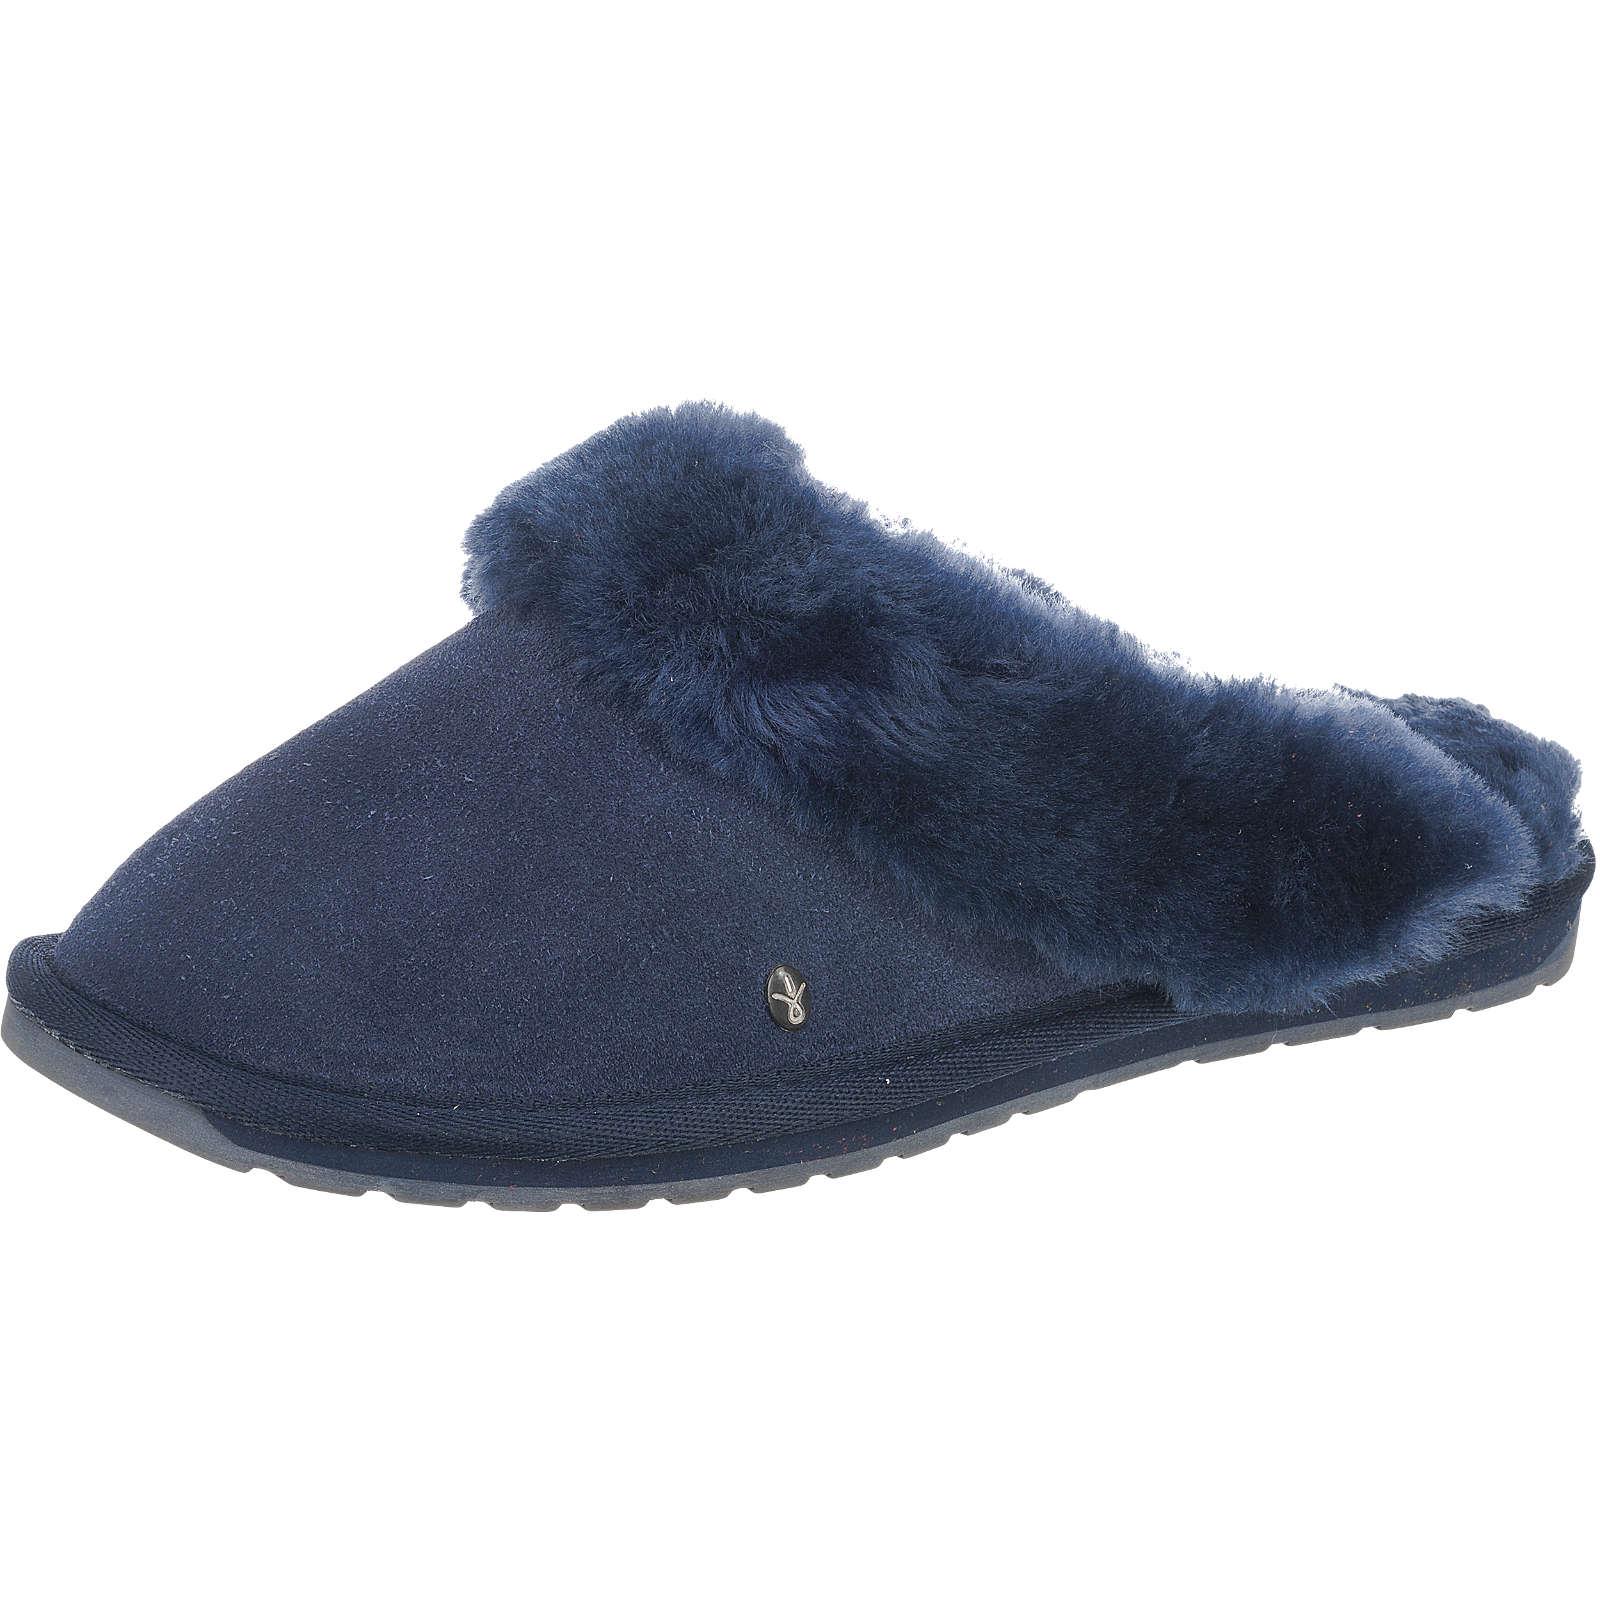 EMU Australia Jolie Hausschuhe dunkelblau Damen Gr. 40/41 jetztbilligerkaufen